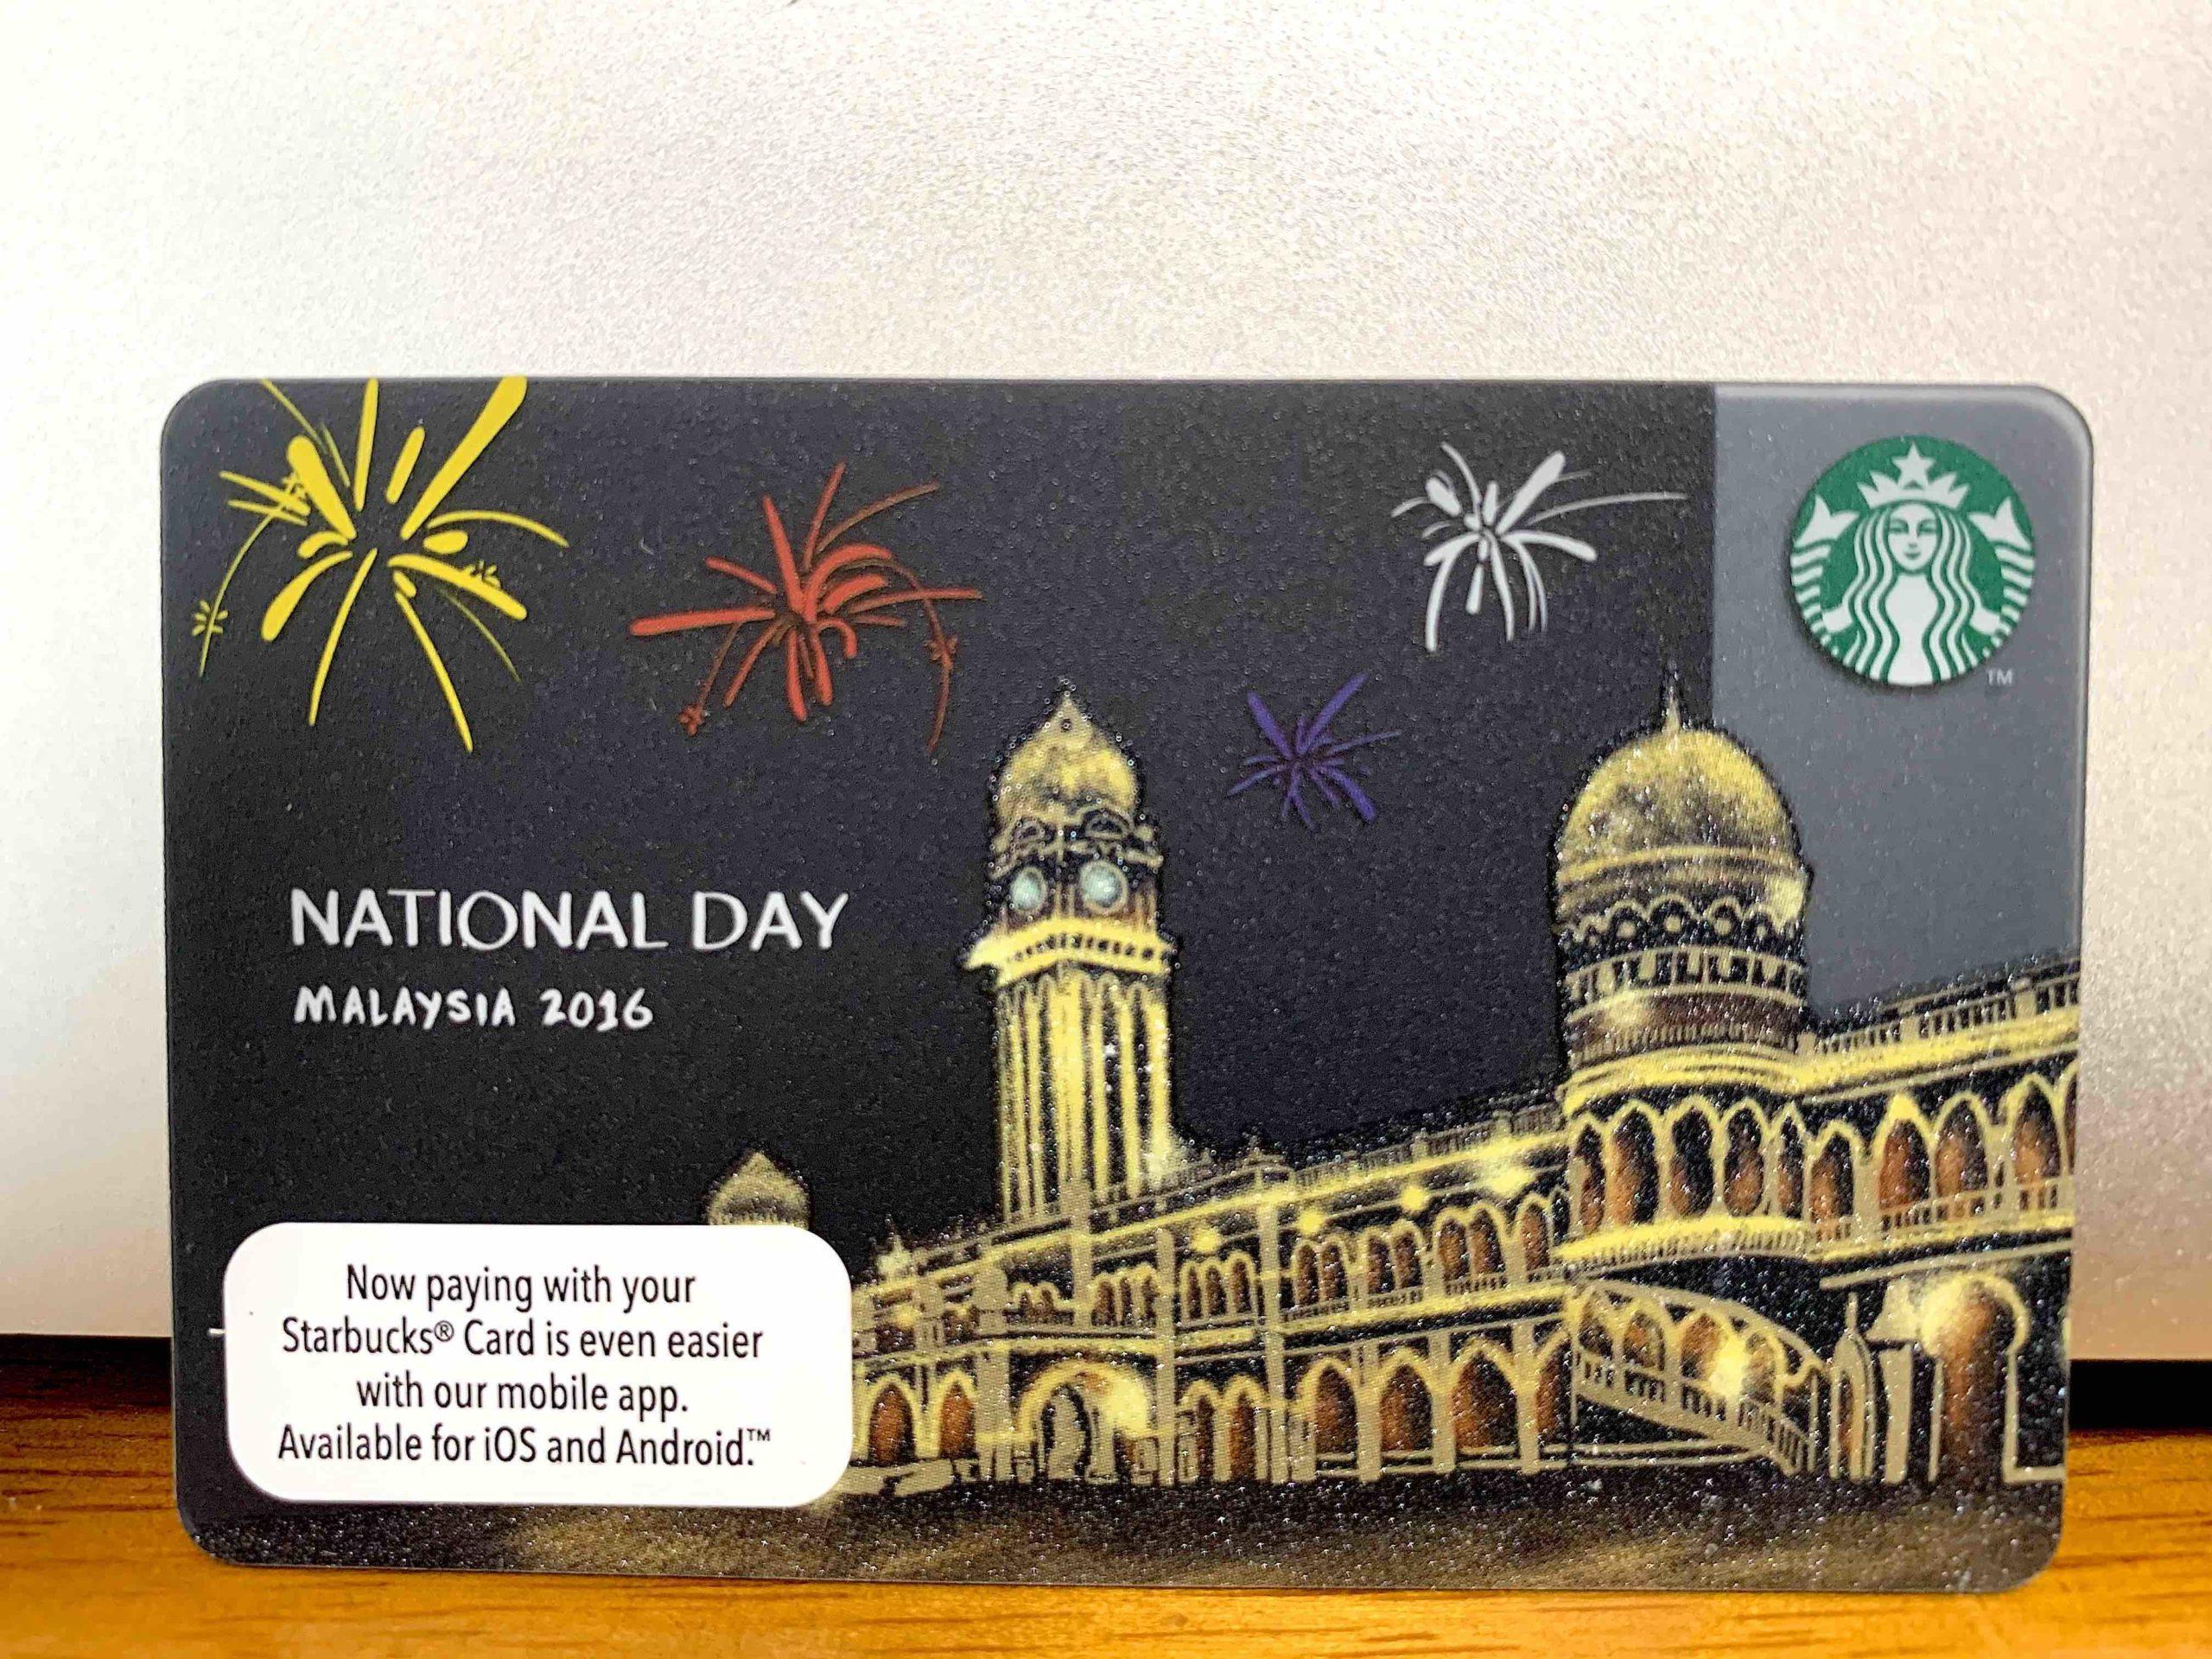 マレーシアナショナルデイのスタバカード